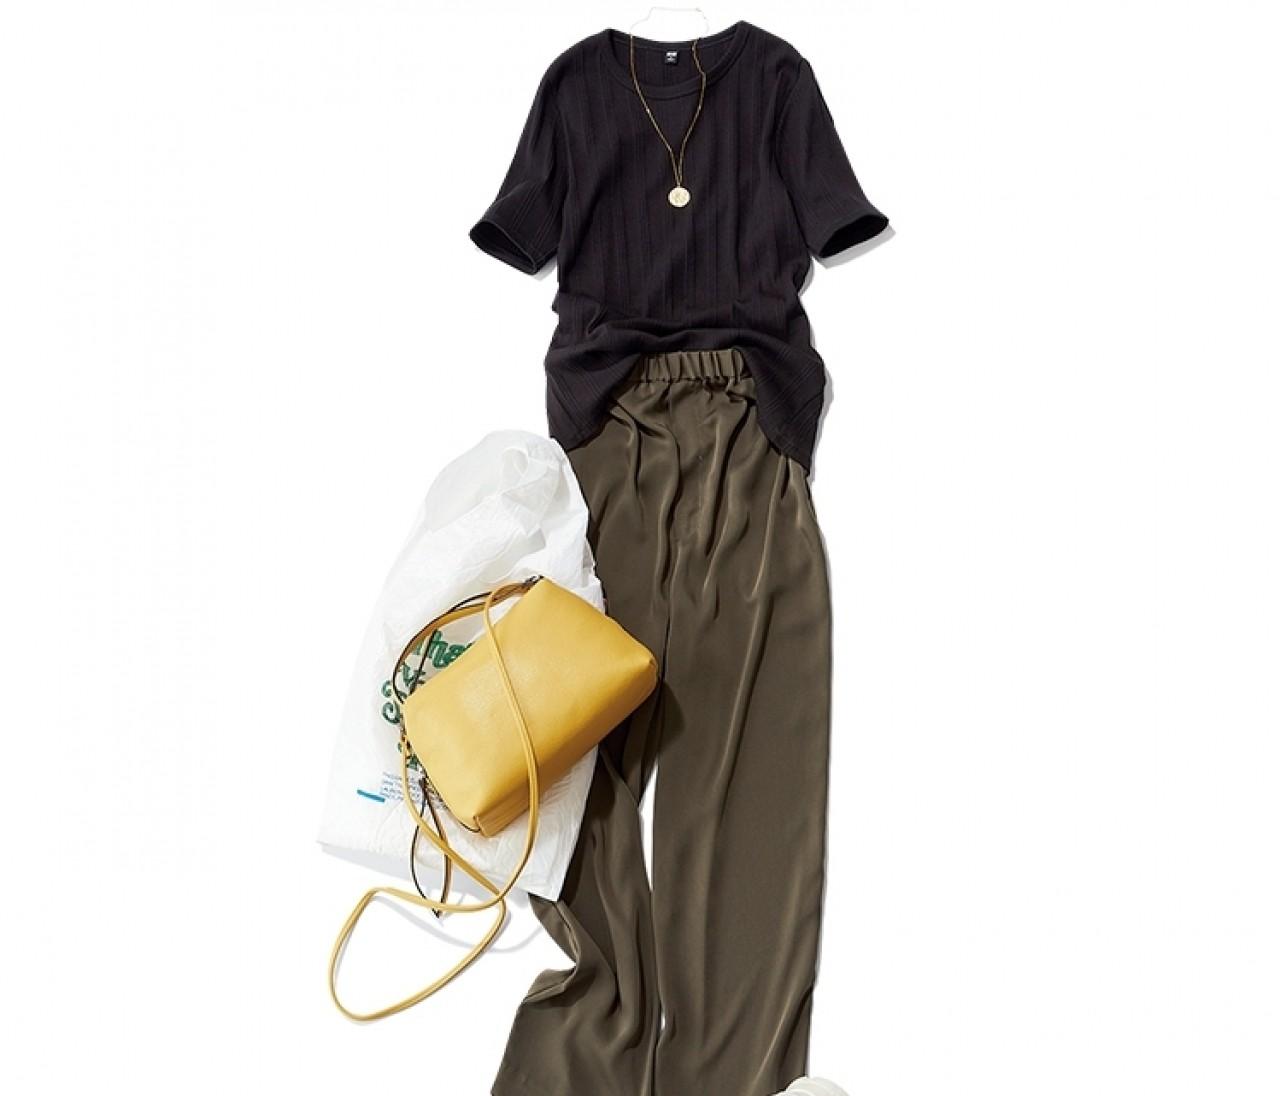 【今日のコーデ】土曜日は、つる太パンツコーデに華やかバッグを加えて